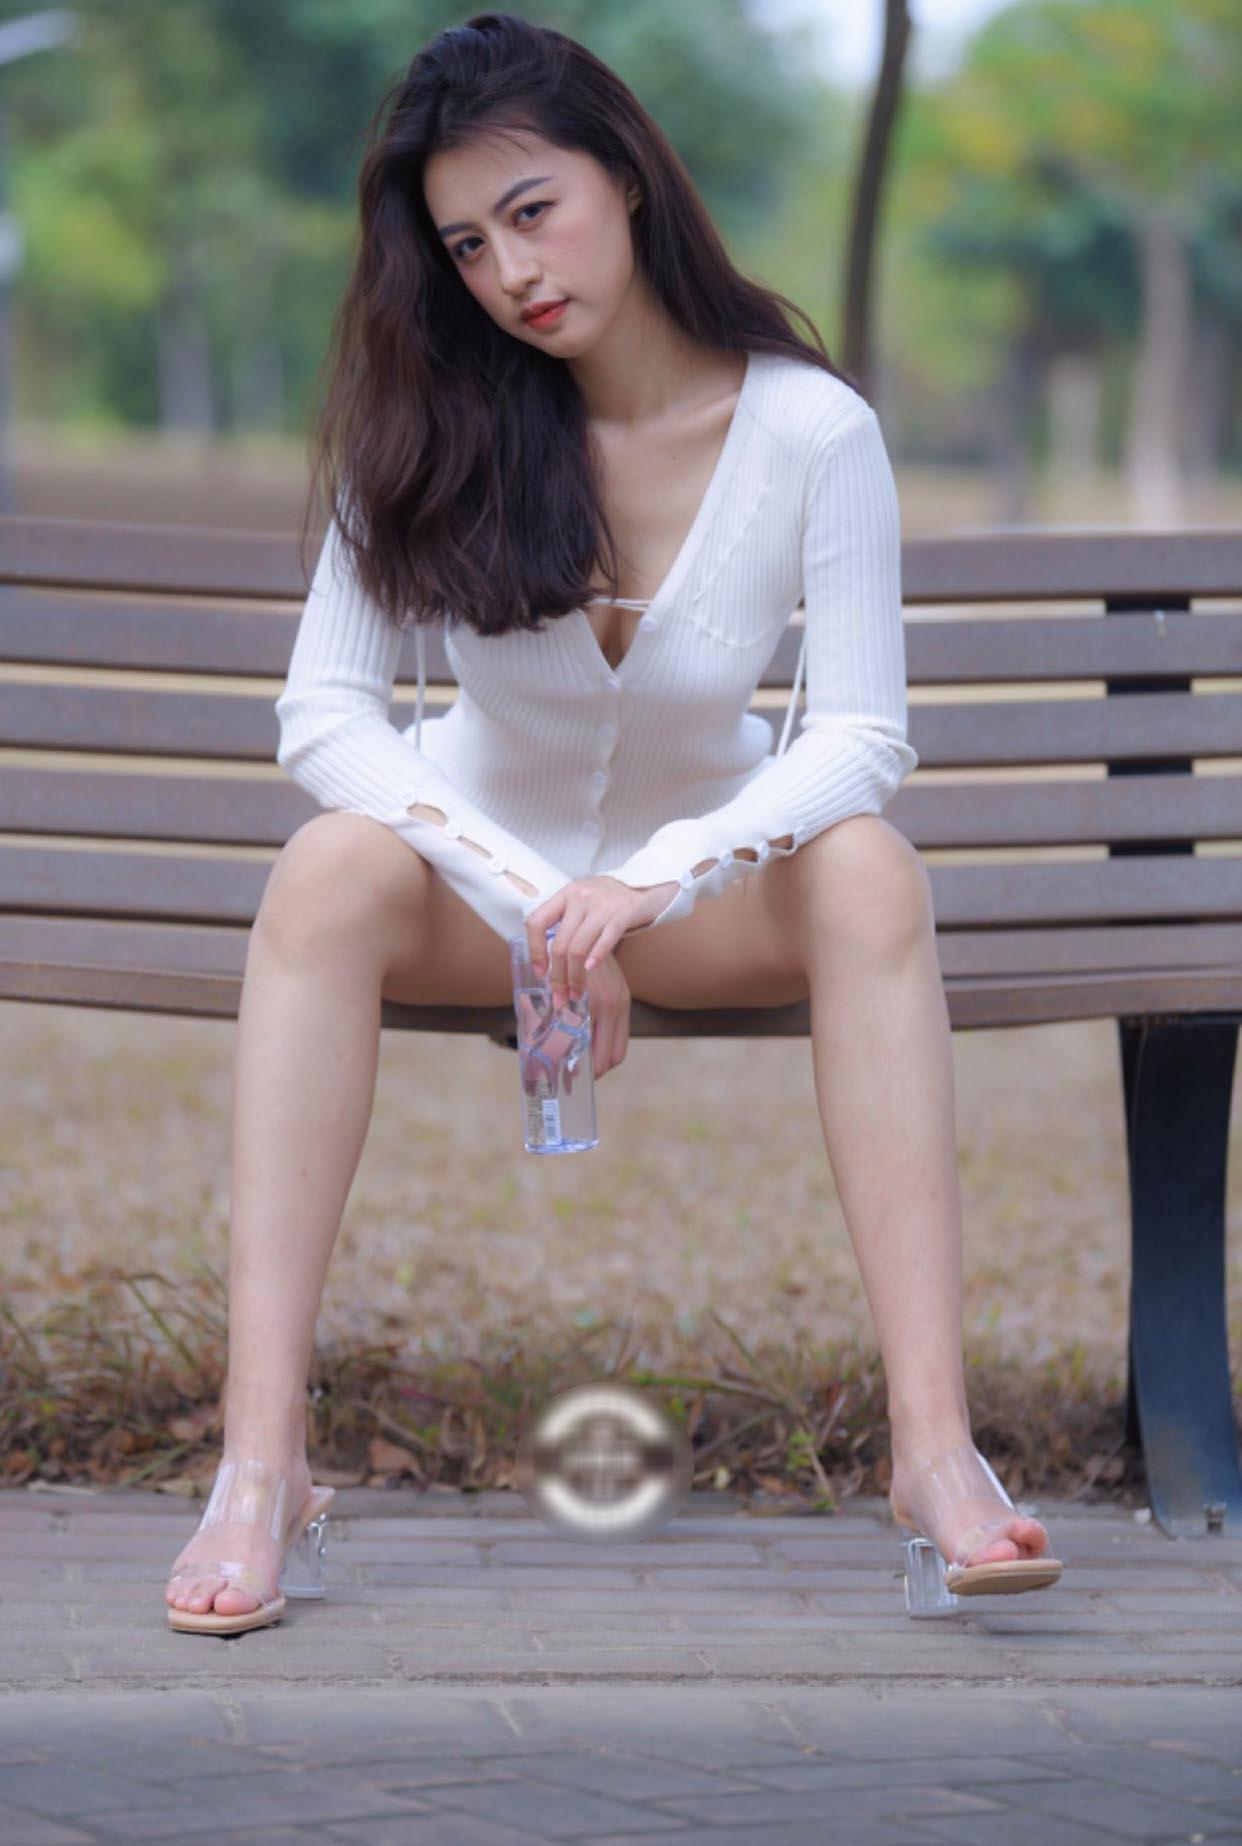 Mặc váy Quỳnh Búp Bê xộc xệch lộ cả vòng 3, cô gái còn bị chê vì tư thế kém duyên - hình ảnh 3